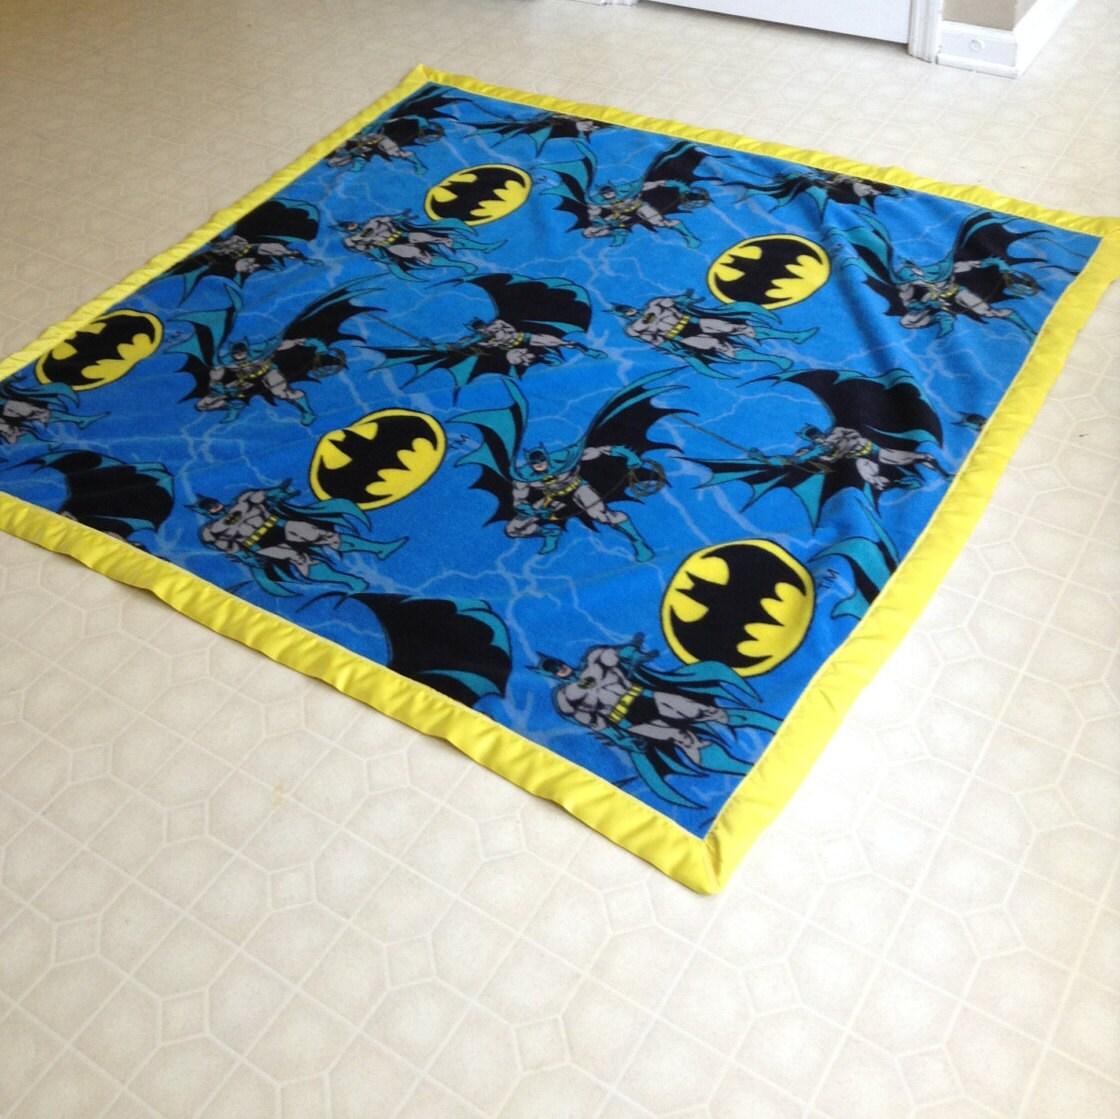 BATMAN Fleece Blanket With Yellow Binding By TrucksDirt123